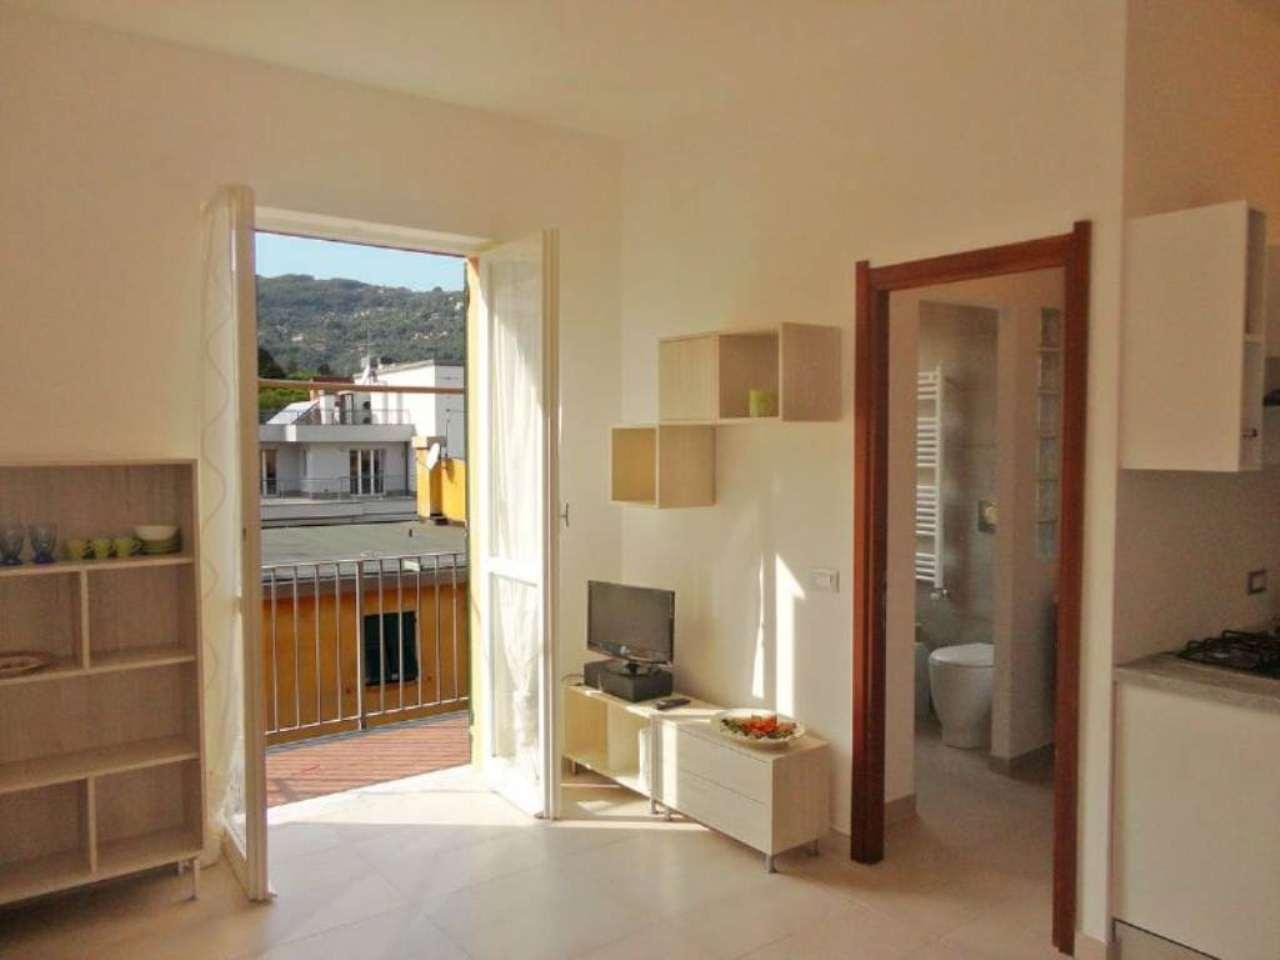 Appartamento in vendita a Santa Margherita Ligure, 2 locali, prezzo € 190.000 | CambioCasa.it